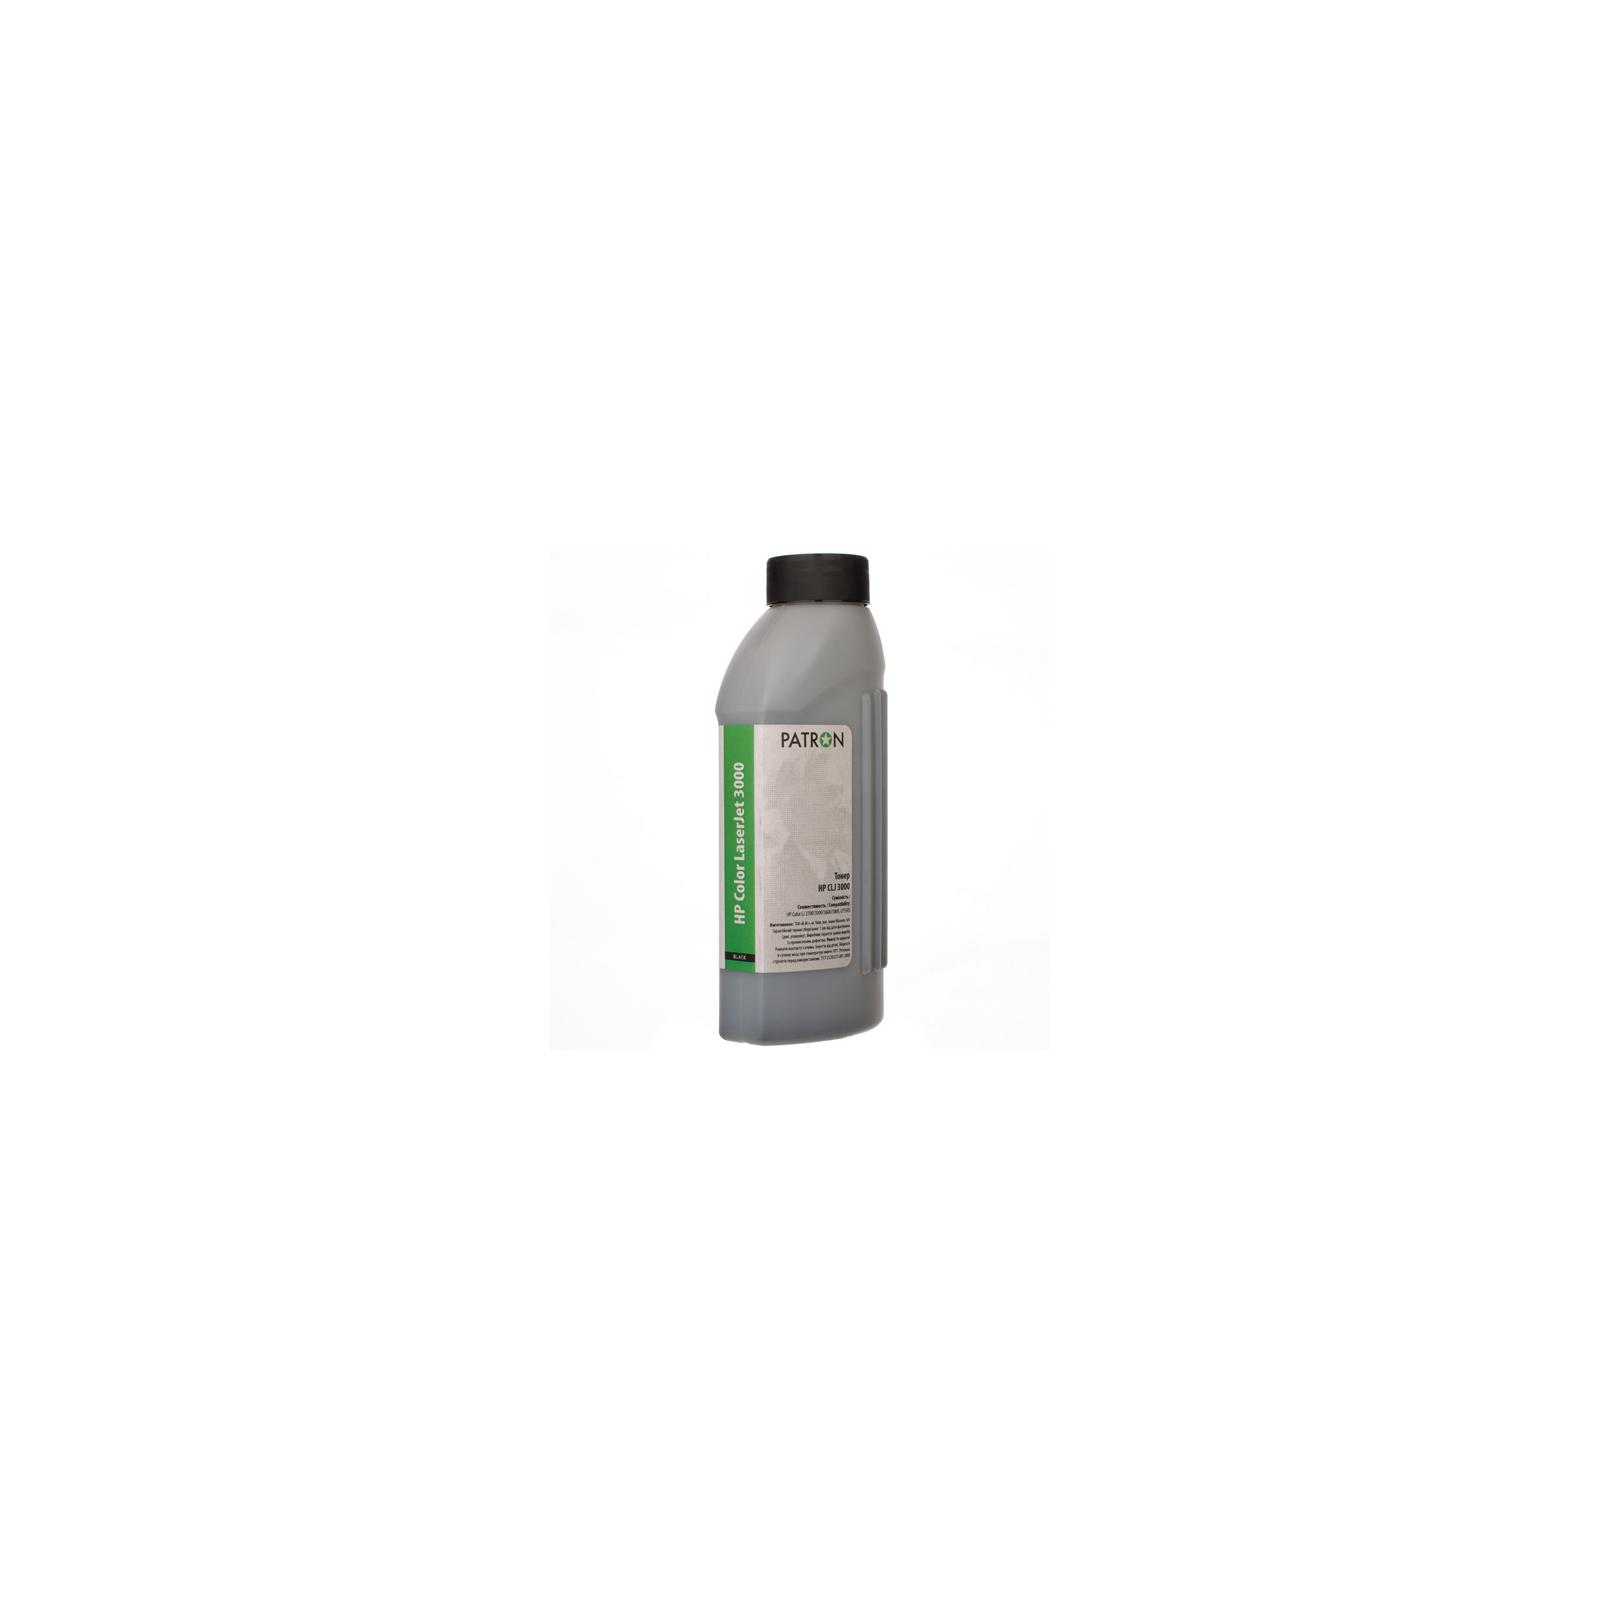 Тонер PATRON HP CLJ 3000 BLACK 230г (T-PN-HCLJ3000-B-230)